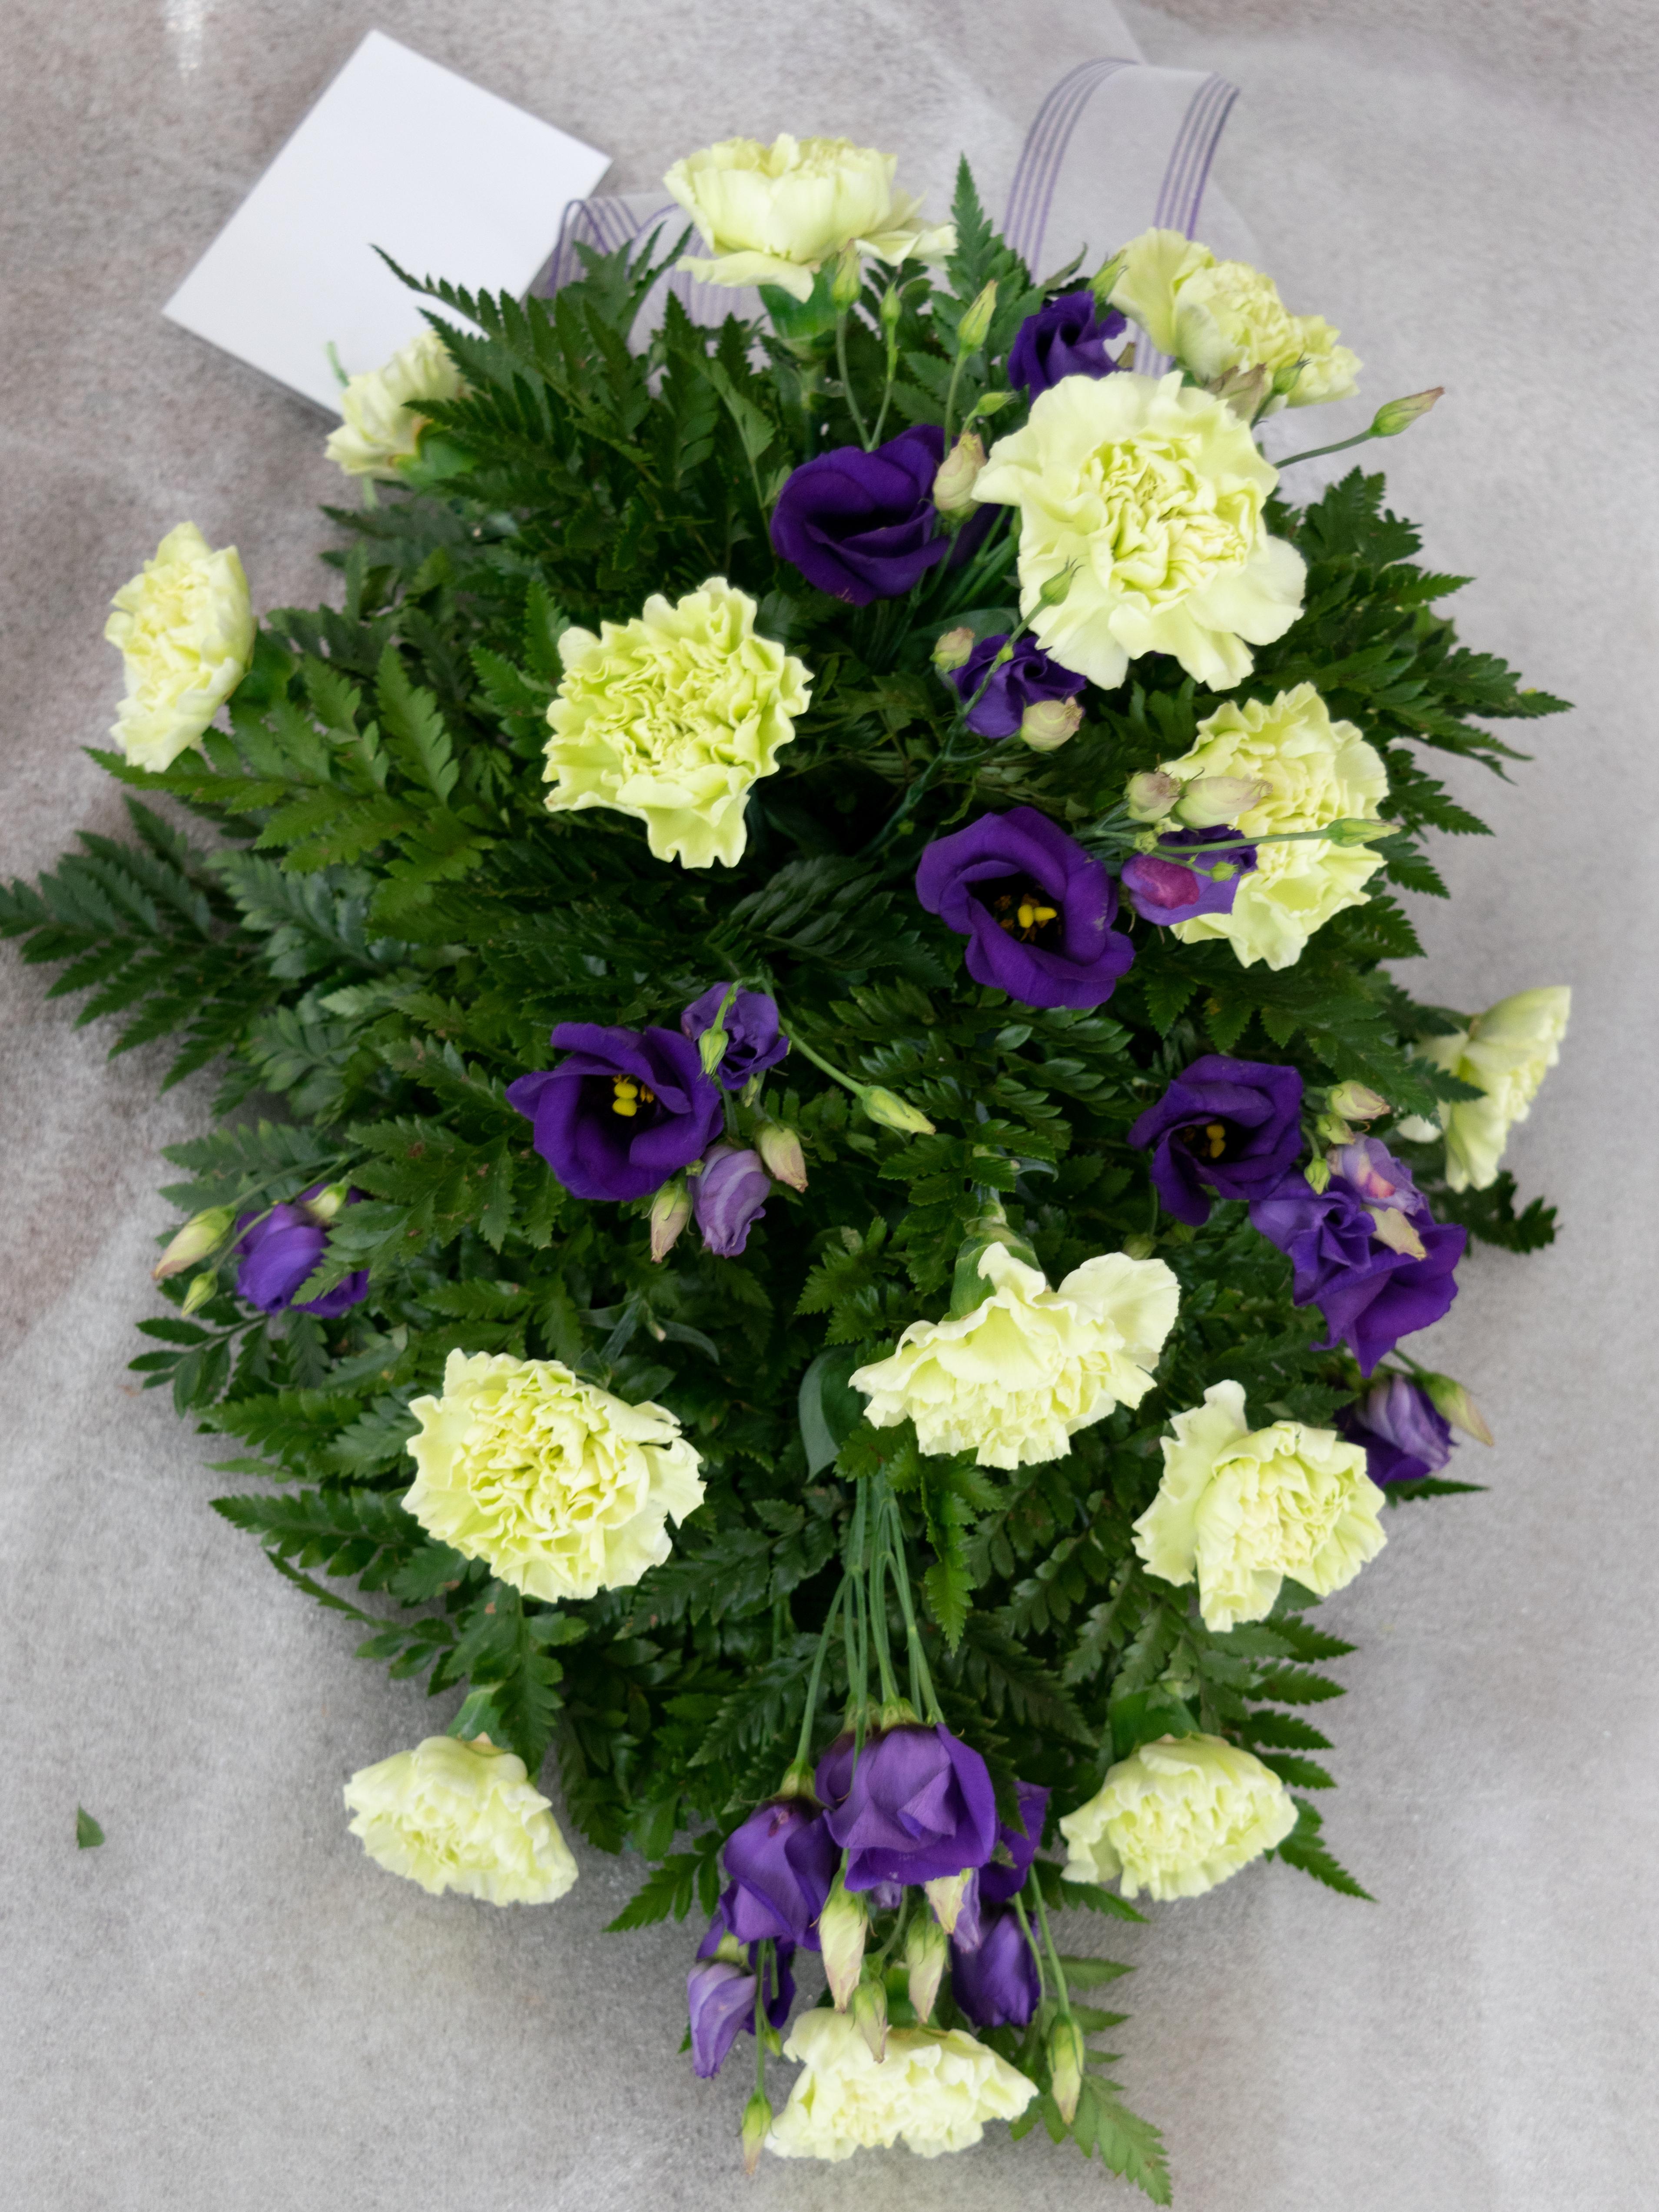 Kukkalaite keskikoko 65e (neilikka,eustoma)